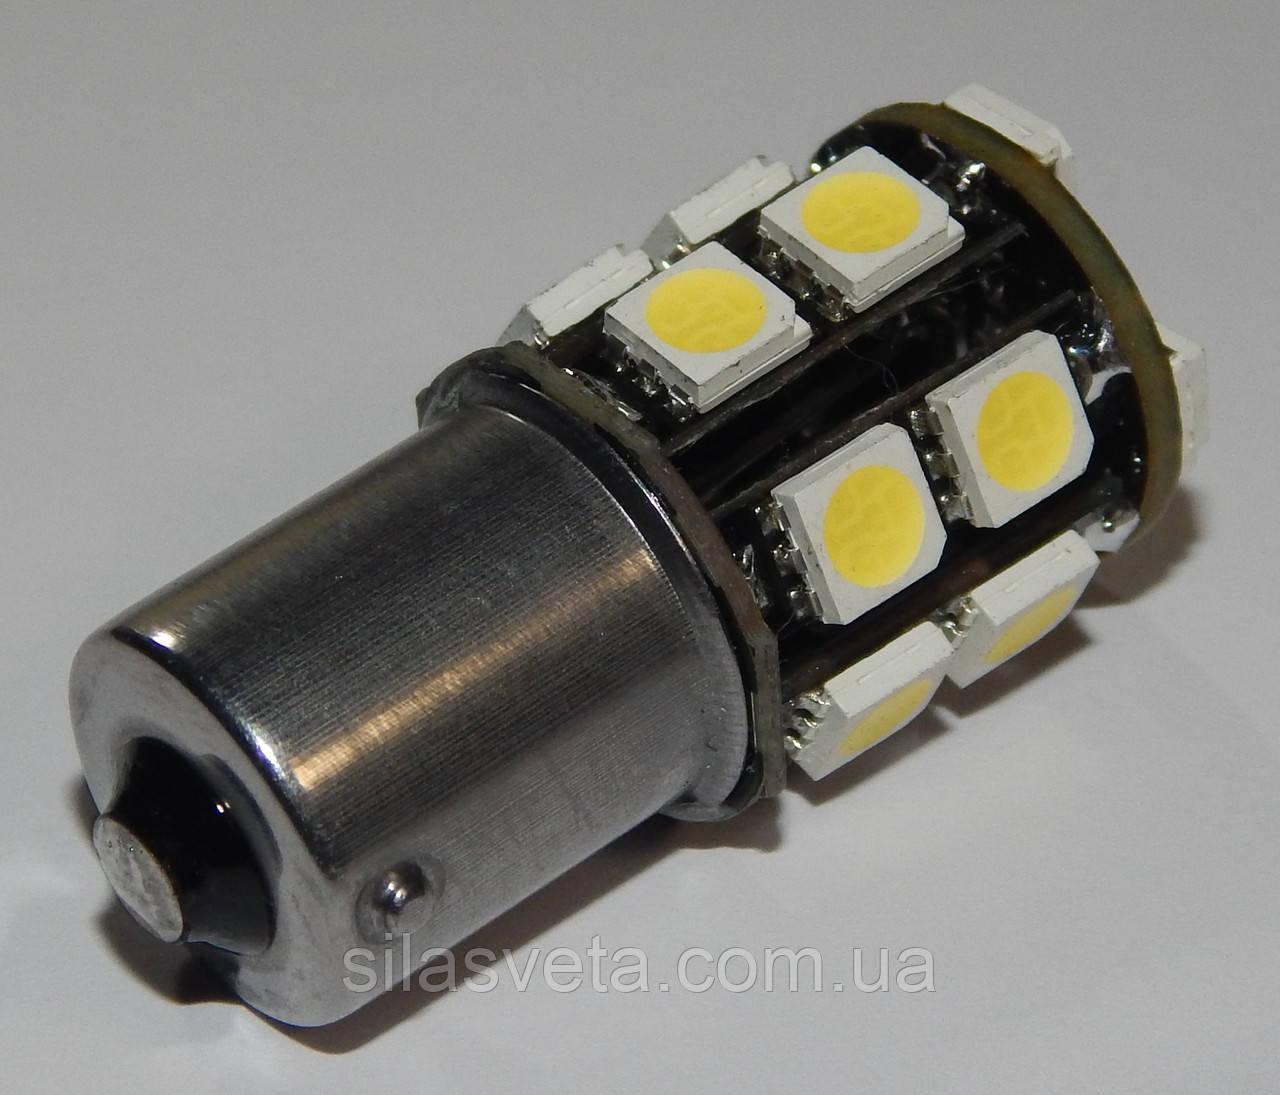 Автомобильный светодиод P21W (17-SMD)(5050)(БЕЛЫЙ)